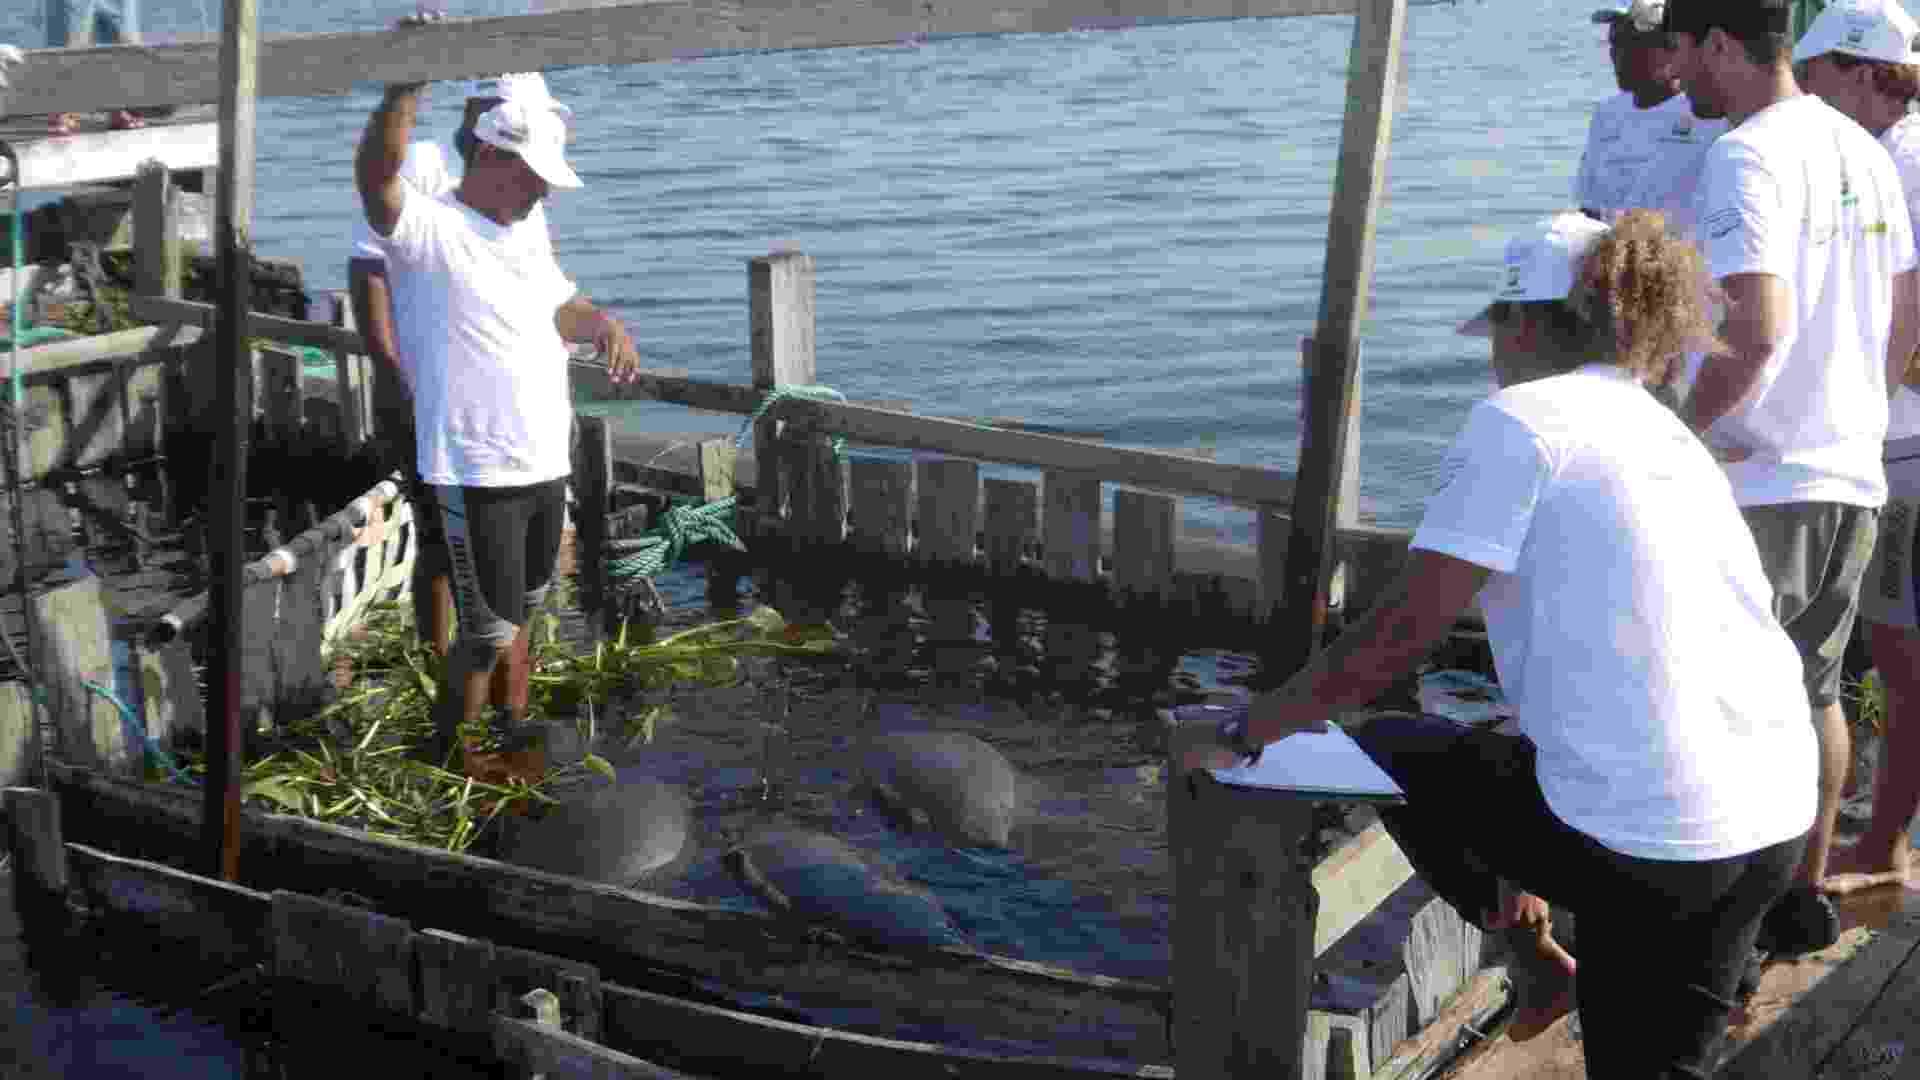 18.ago.2012 - Cinco peixes-boi são devolvidos a igarapés e lagos da Reserva de Desenvolvimento Sustentável Amanã, que fica na região do Médio Rio Solimões, no Amazonas. Com idade entre 2 e 5 anos, os animais foram vítimas da caça e viviam havia quatro anos em cativeiro do Centro de Reabilitação de Peixe-Boi Amazônico de Base Comunitária. Quatro deles receberam em suas caudas um cinto equipado com um transmissor de sinais de rádio para que a equipe possa monitorá-los nos próximos dois anos - Divulgação